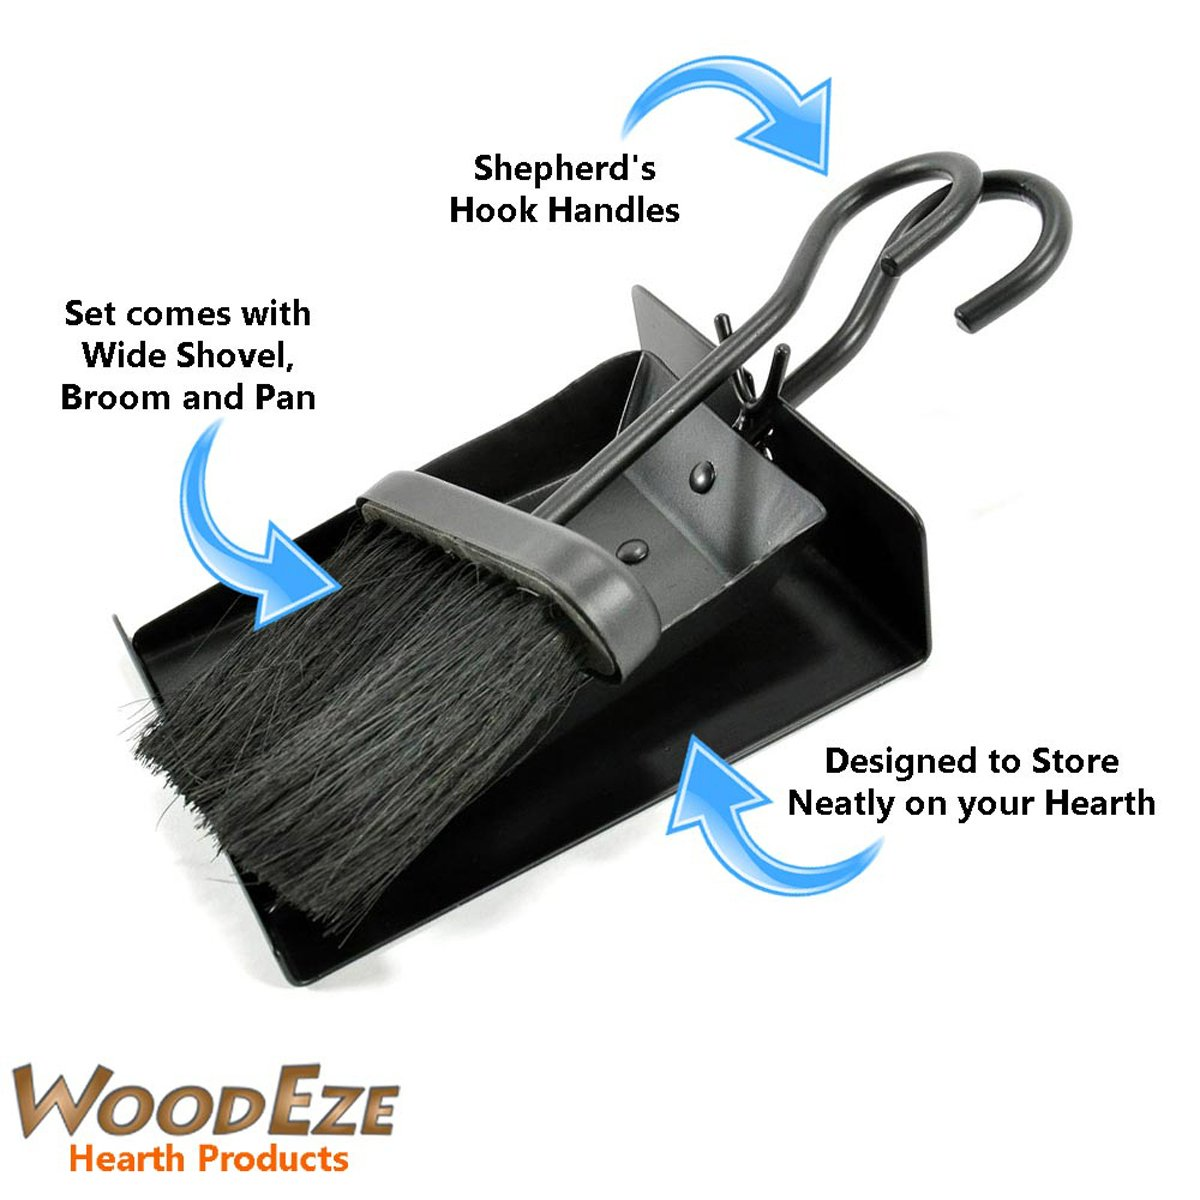 amazon com woodeze ft6001ba fireplace shovel and brush set with